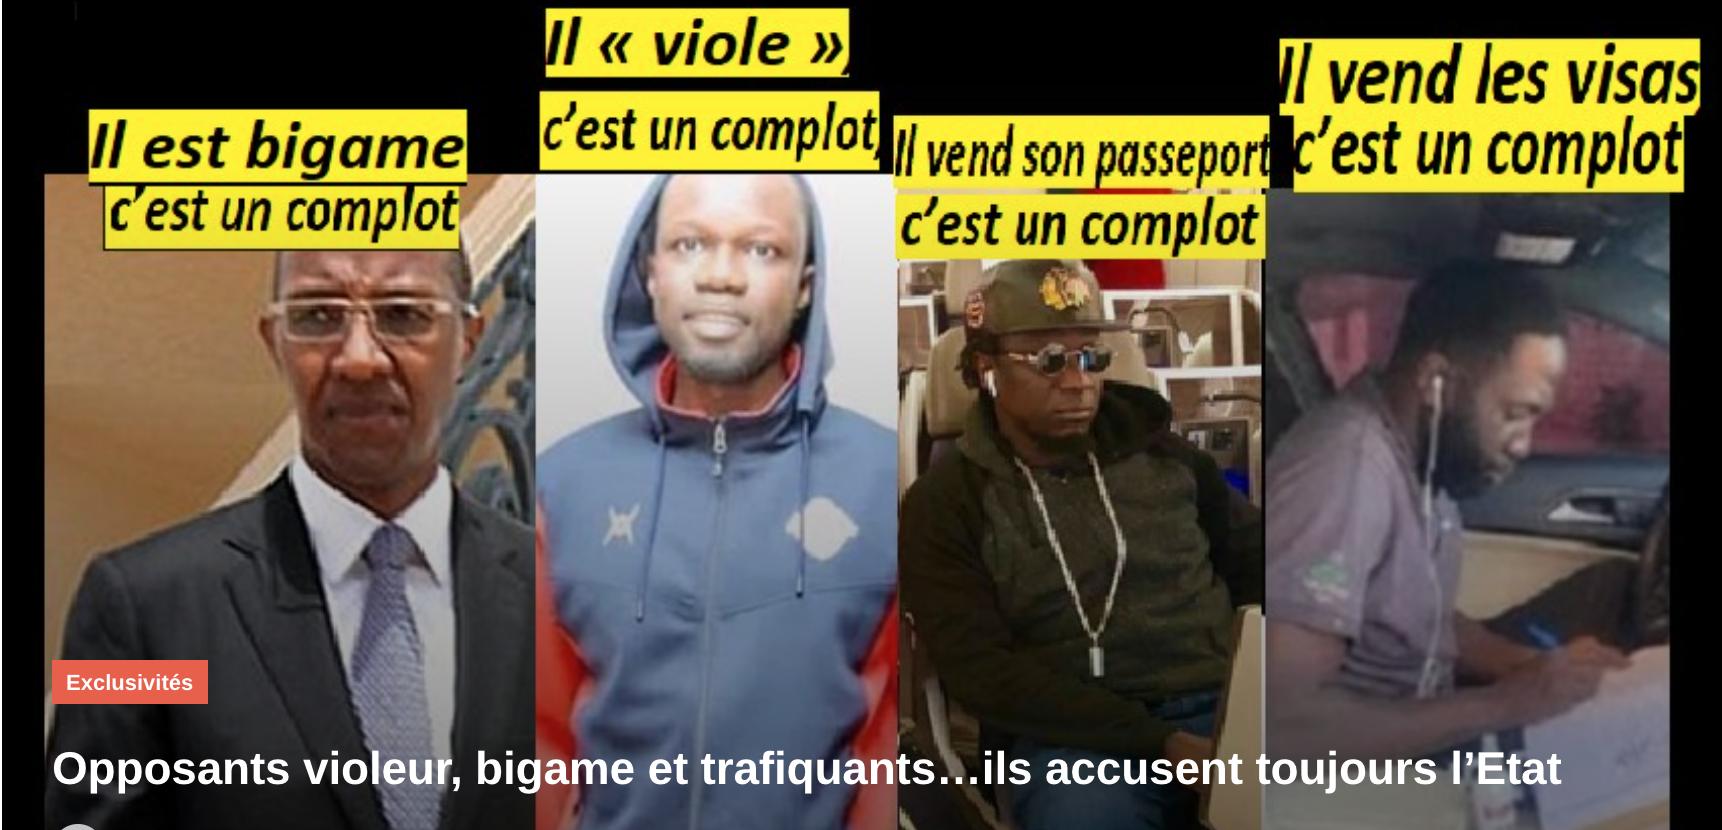 Opposants violeurs, bigames et trafiquants et…Ils accusent toujours l'Etat